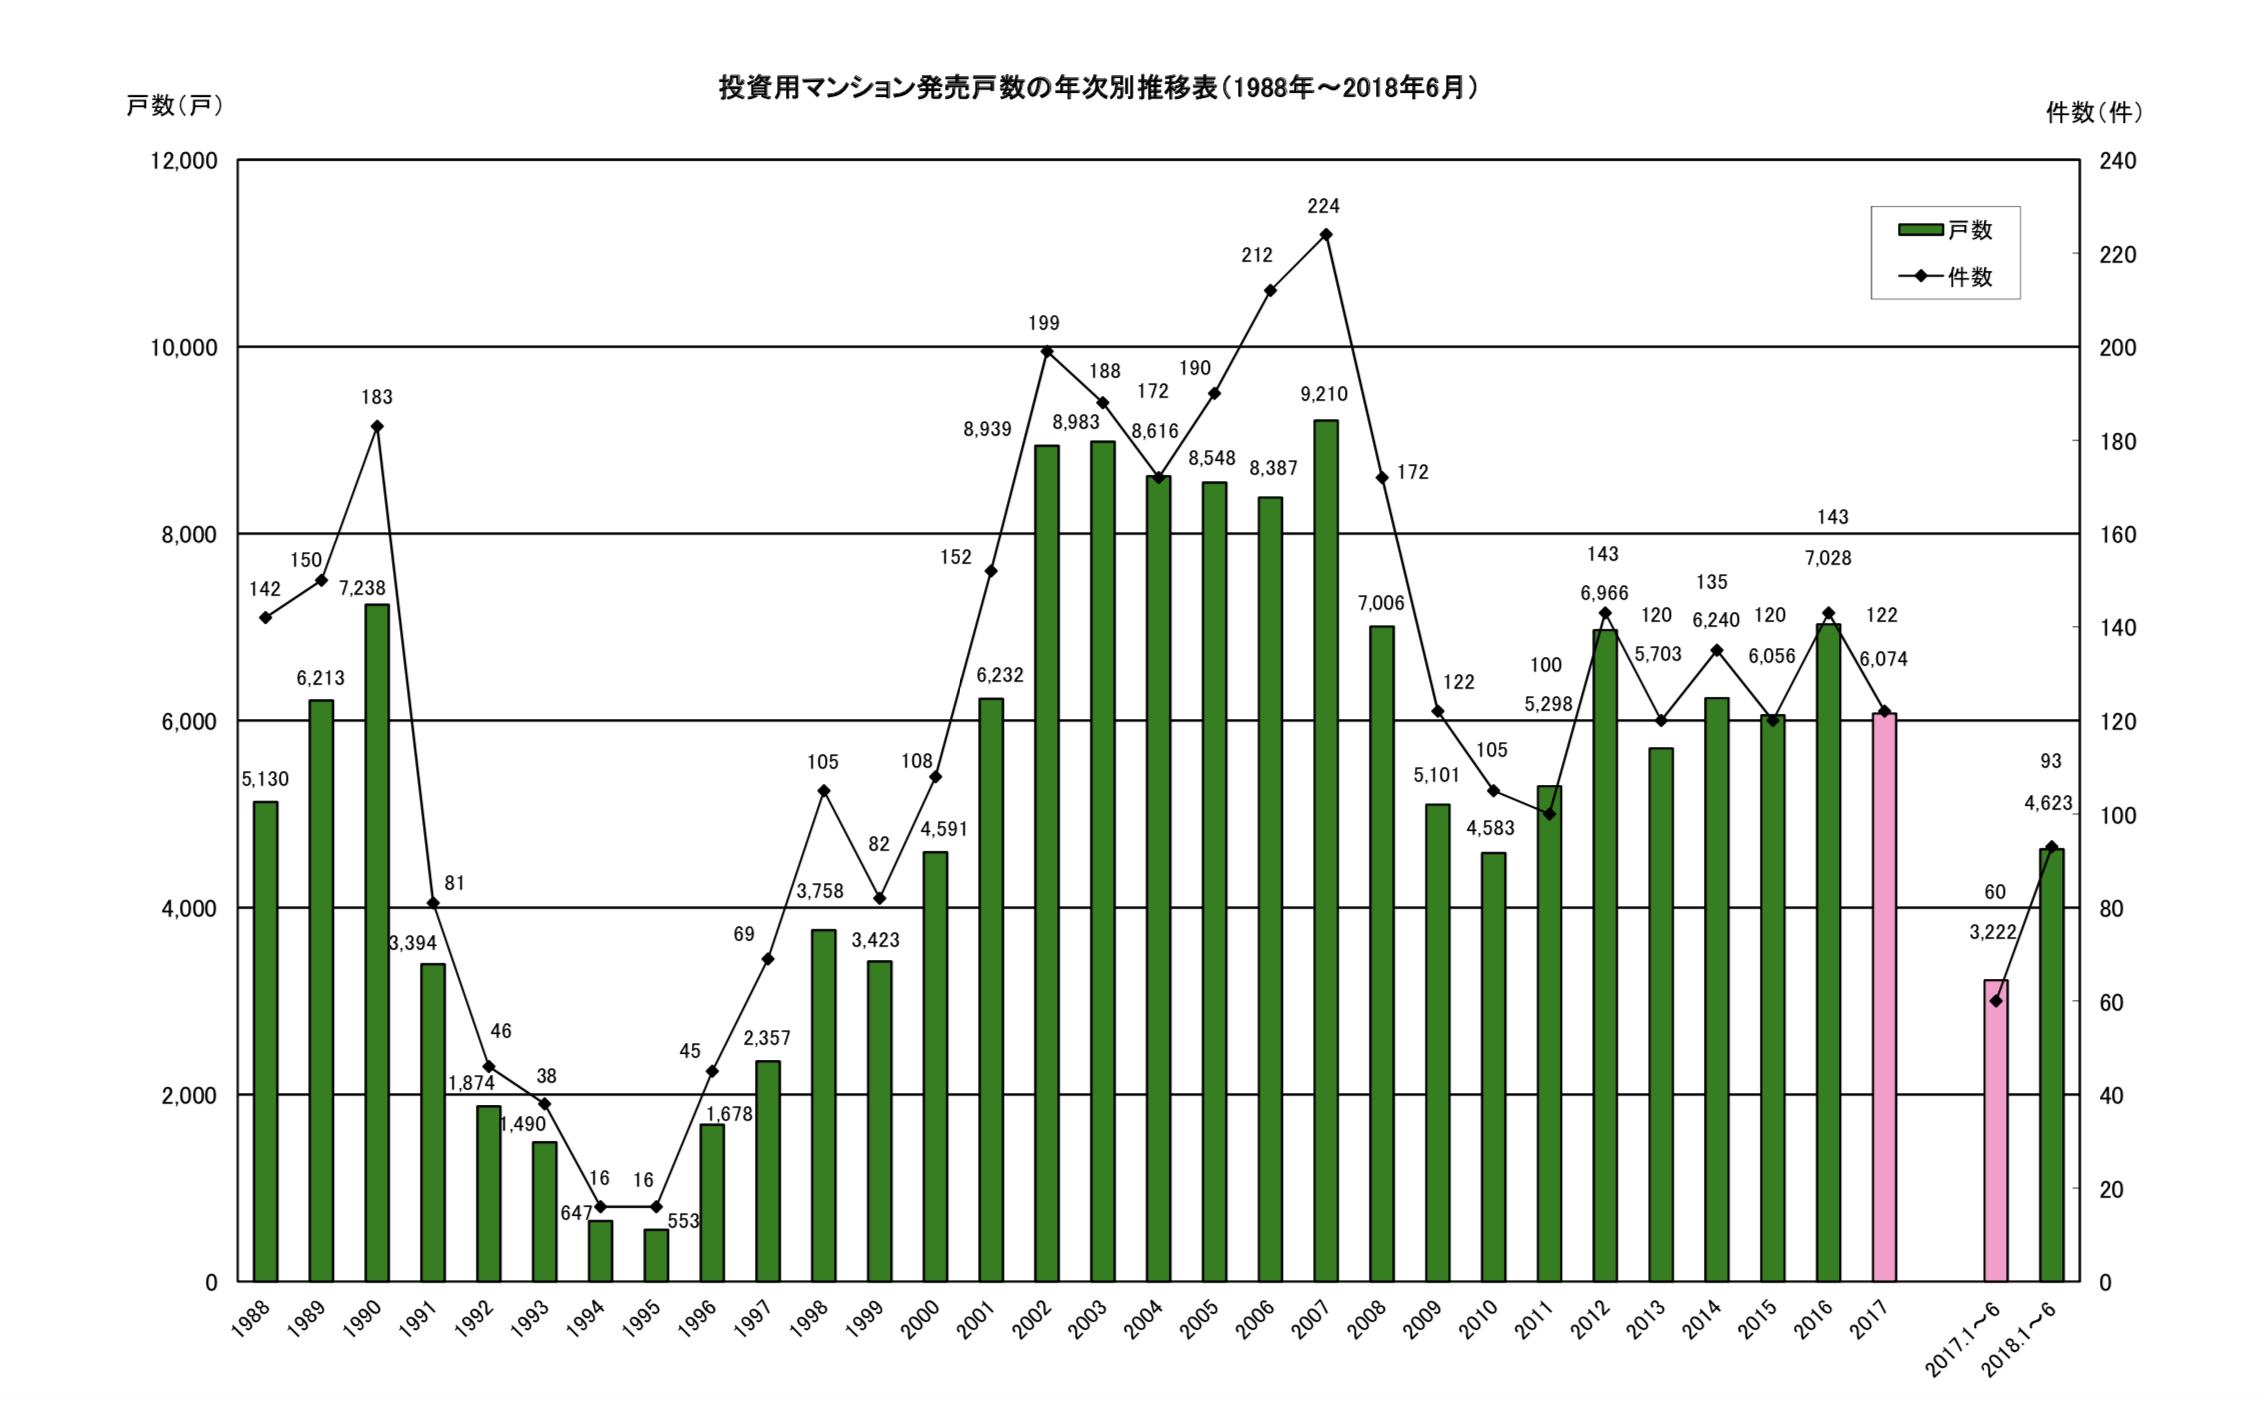 投資用マンション発売戸数の年次別推移表